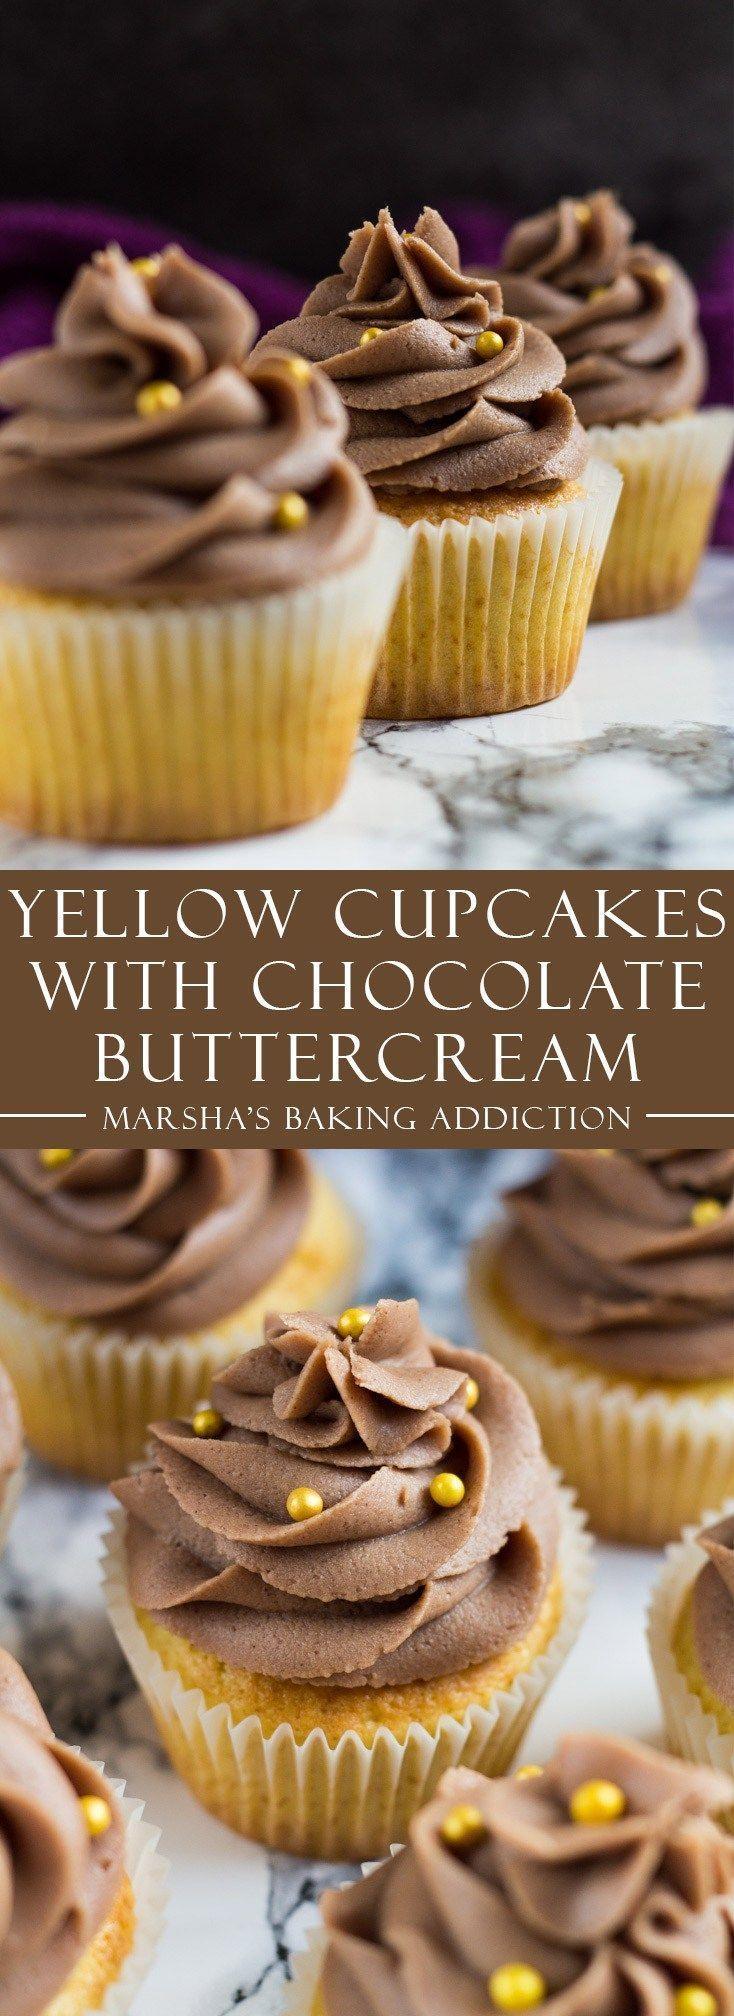 Yellow Cupcakes with Chocolate Buttercream Frosting | http://marshasbakingaddiction.com /marshasbakeblog/